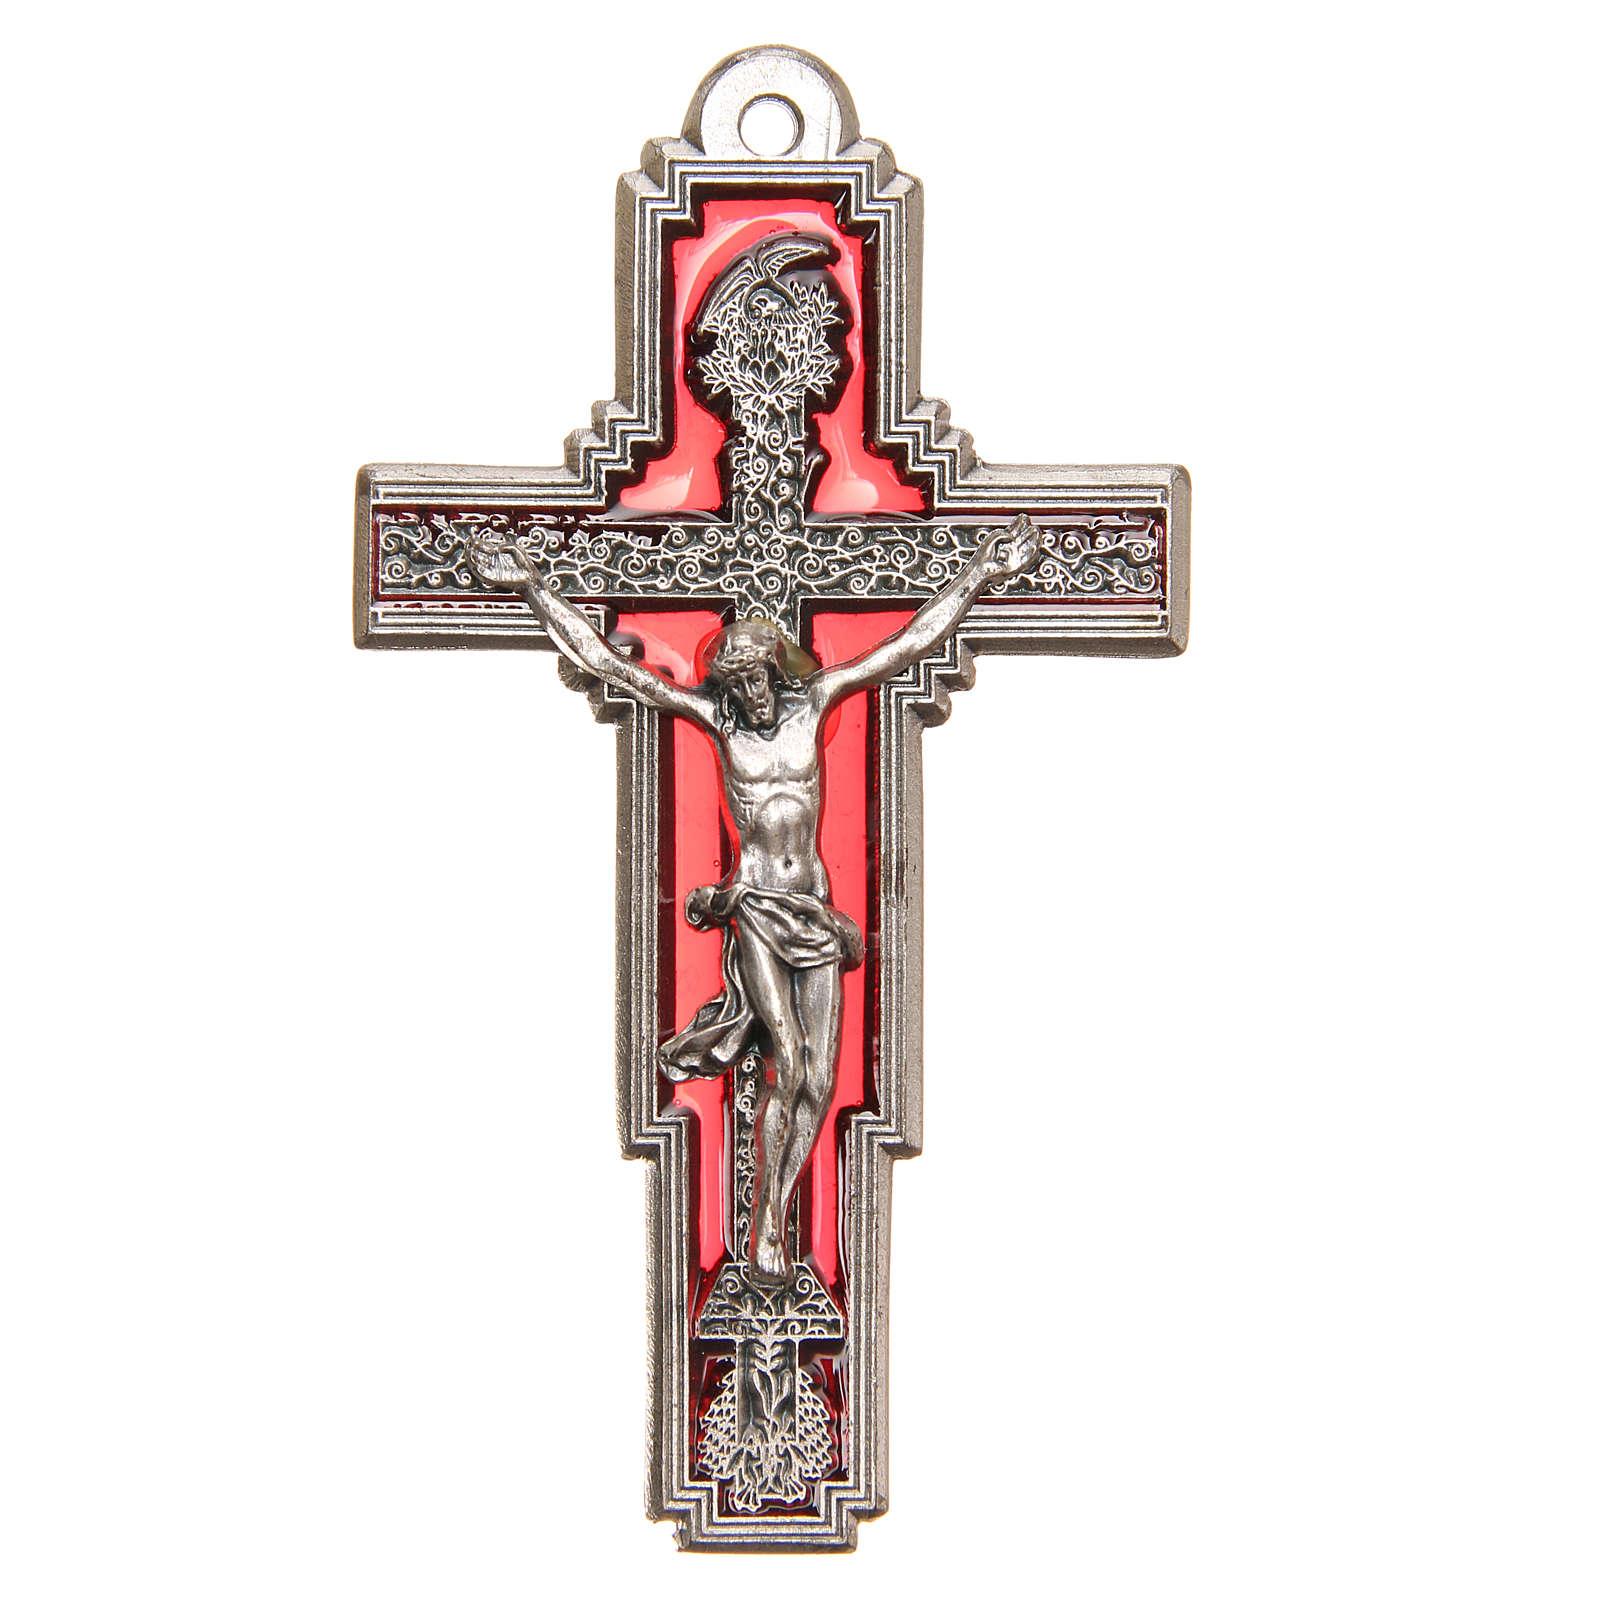 STOCK Croce Albero della Vita metallo cm 9 smalto rosso Cristo 4